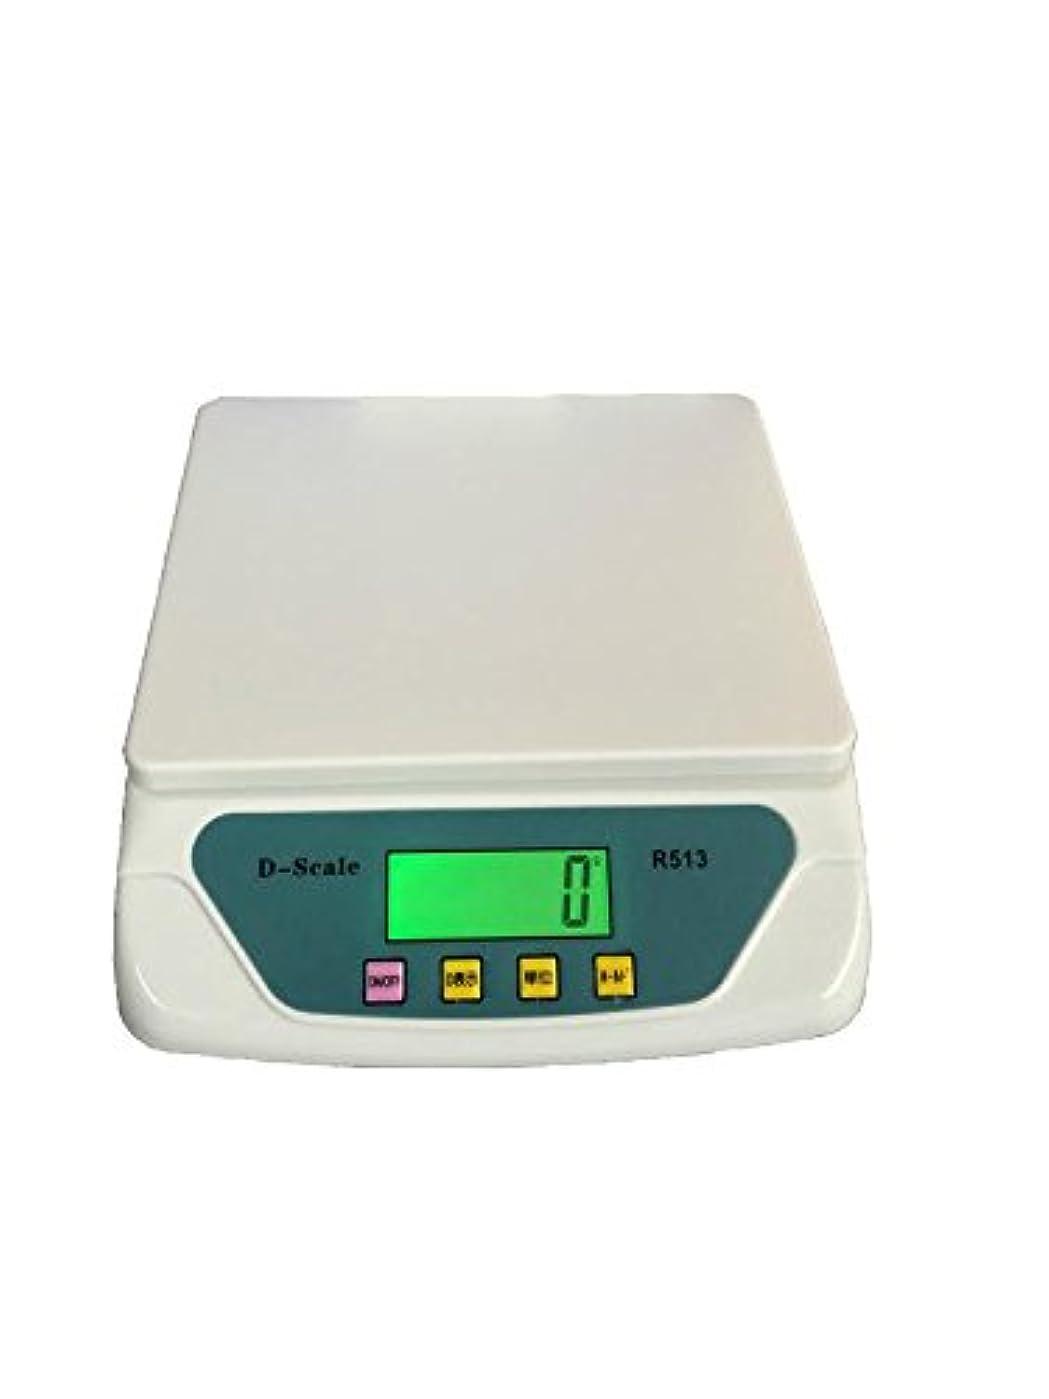 に沿って緩む付き添い人D-Scale デジタルスケール デジタル台はかり 日本語表示ボタン 説明書付き 電子天秤